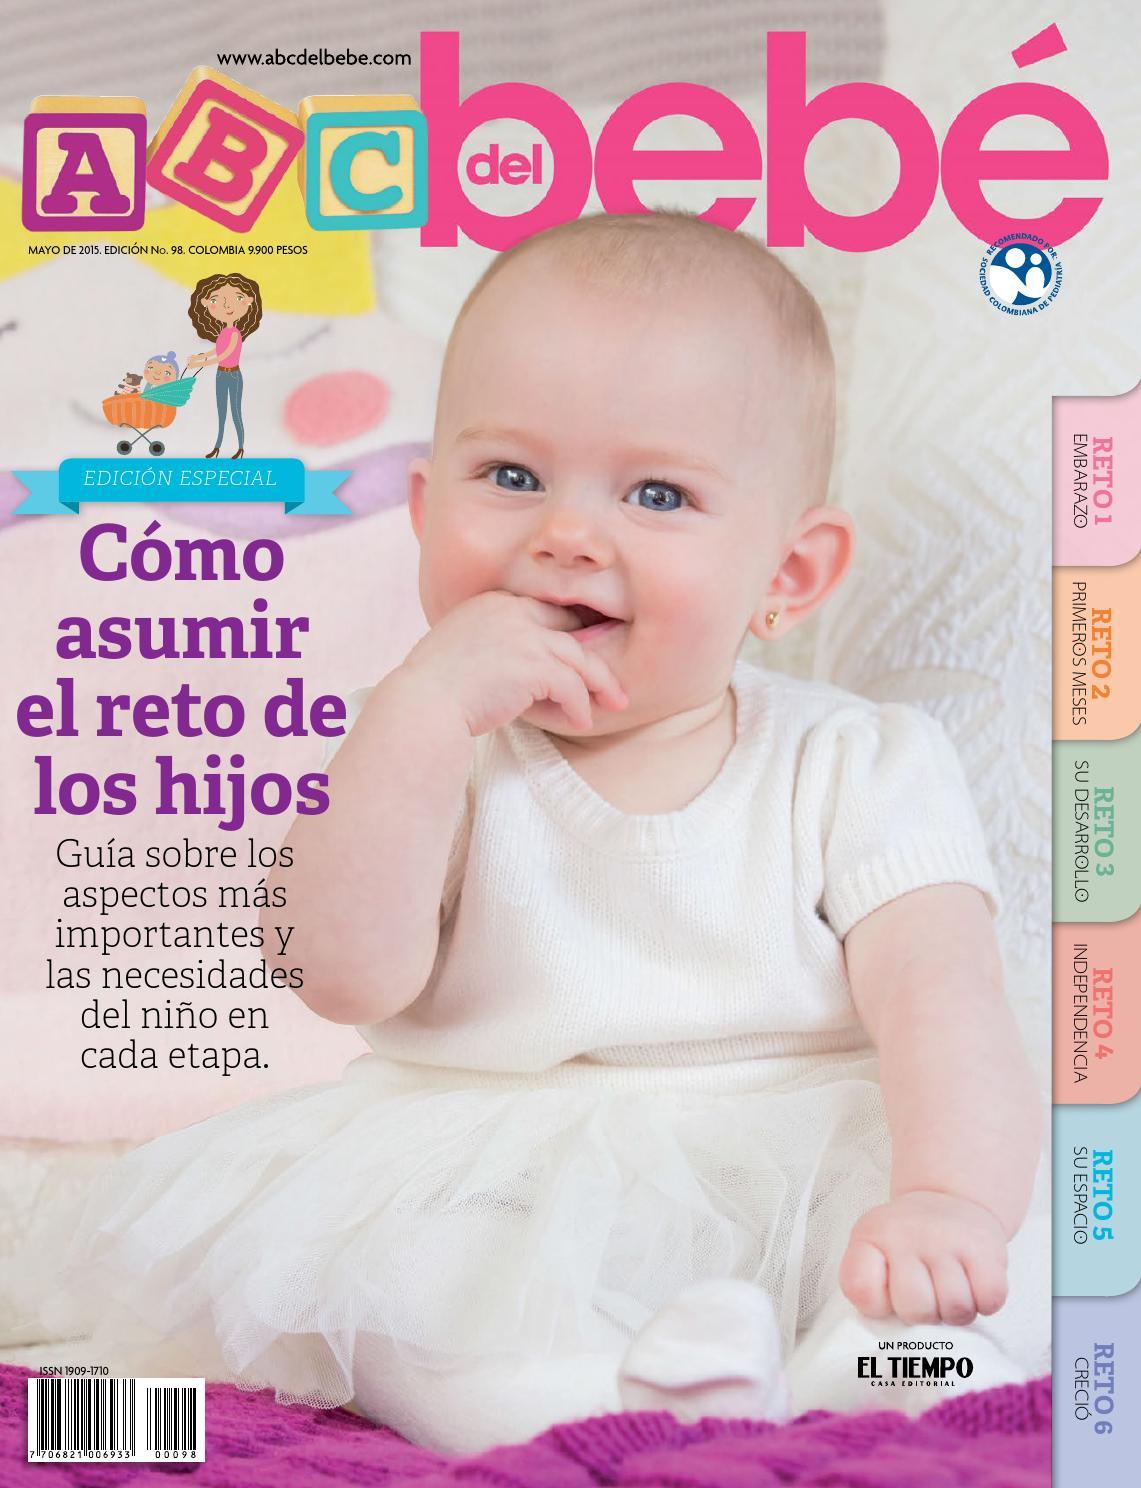 Abc del bebe ed 98 by CEETRevistas - issuu